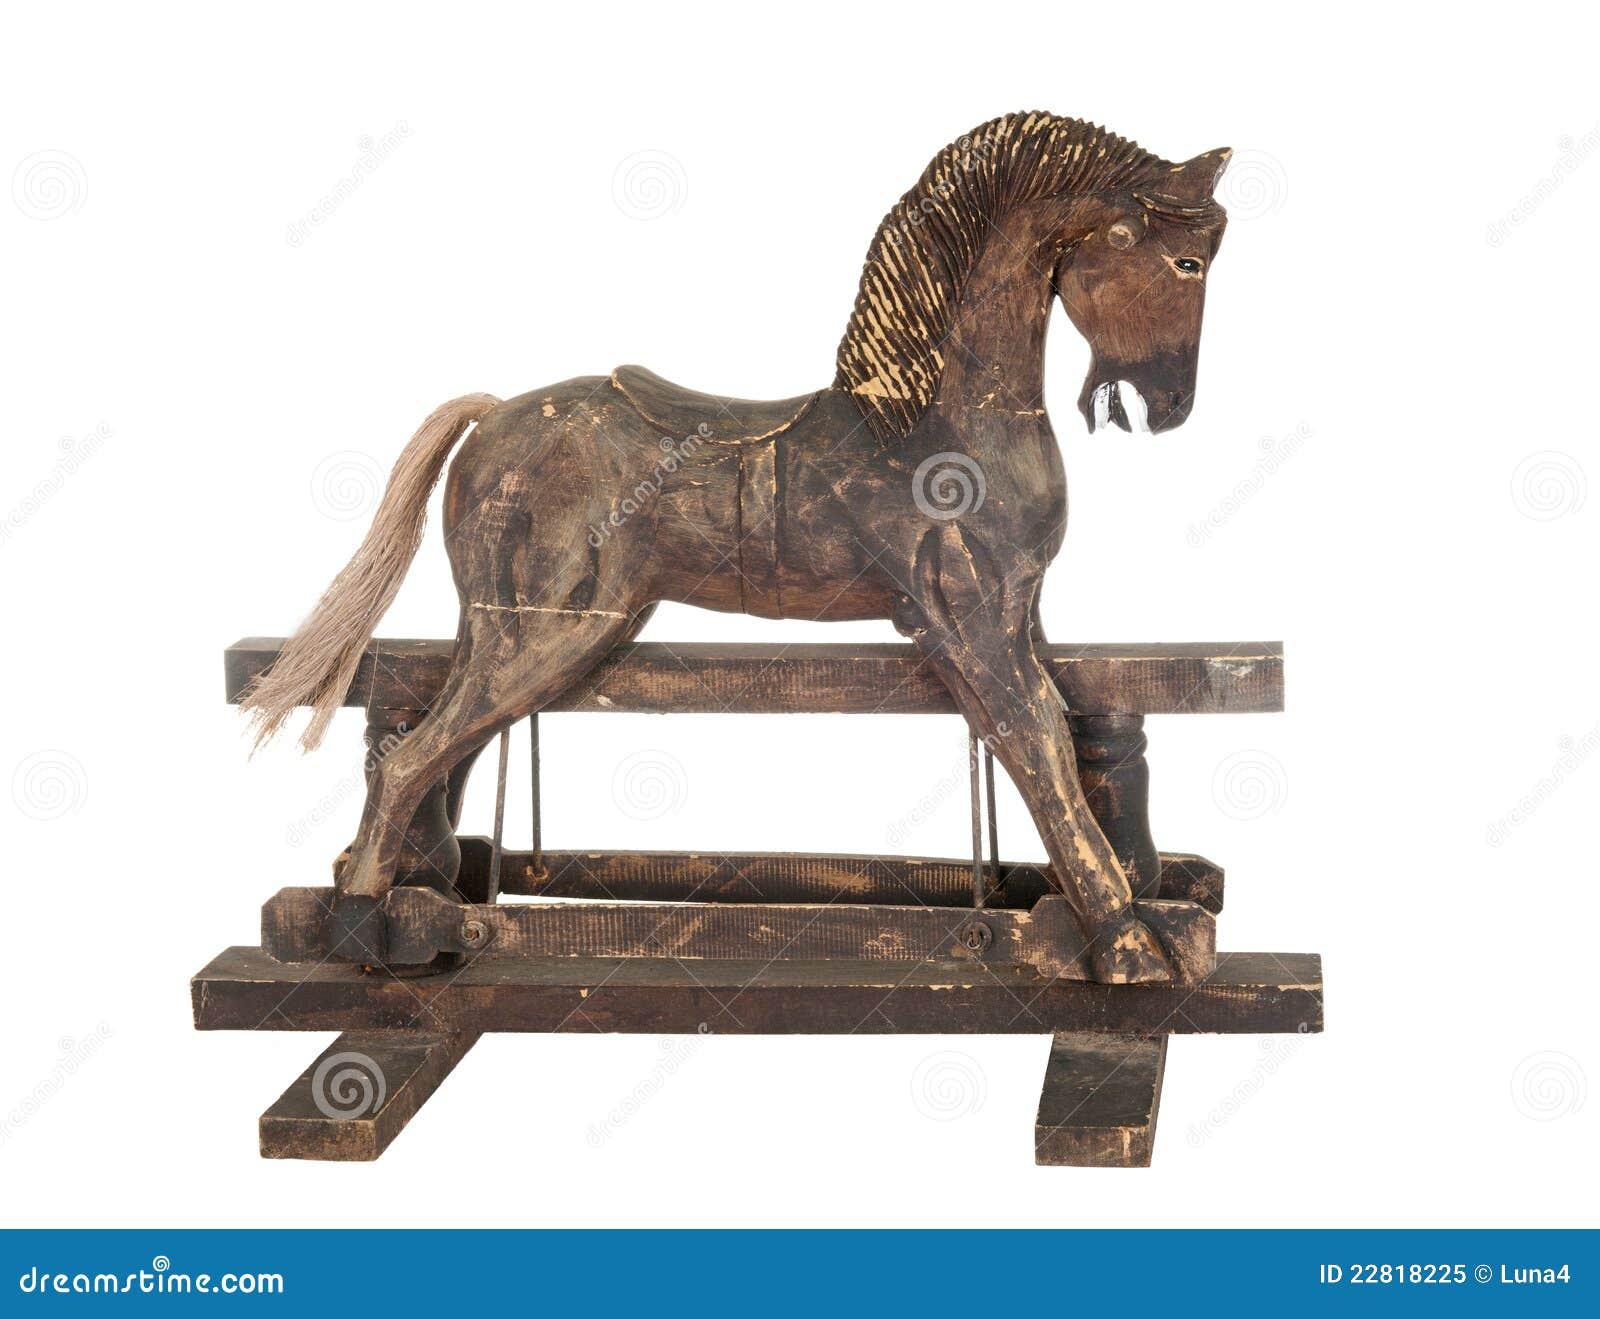 Old Rocking Horse Royalty Free Stock Photo Image 22818225